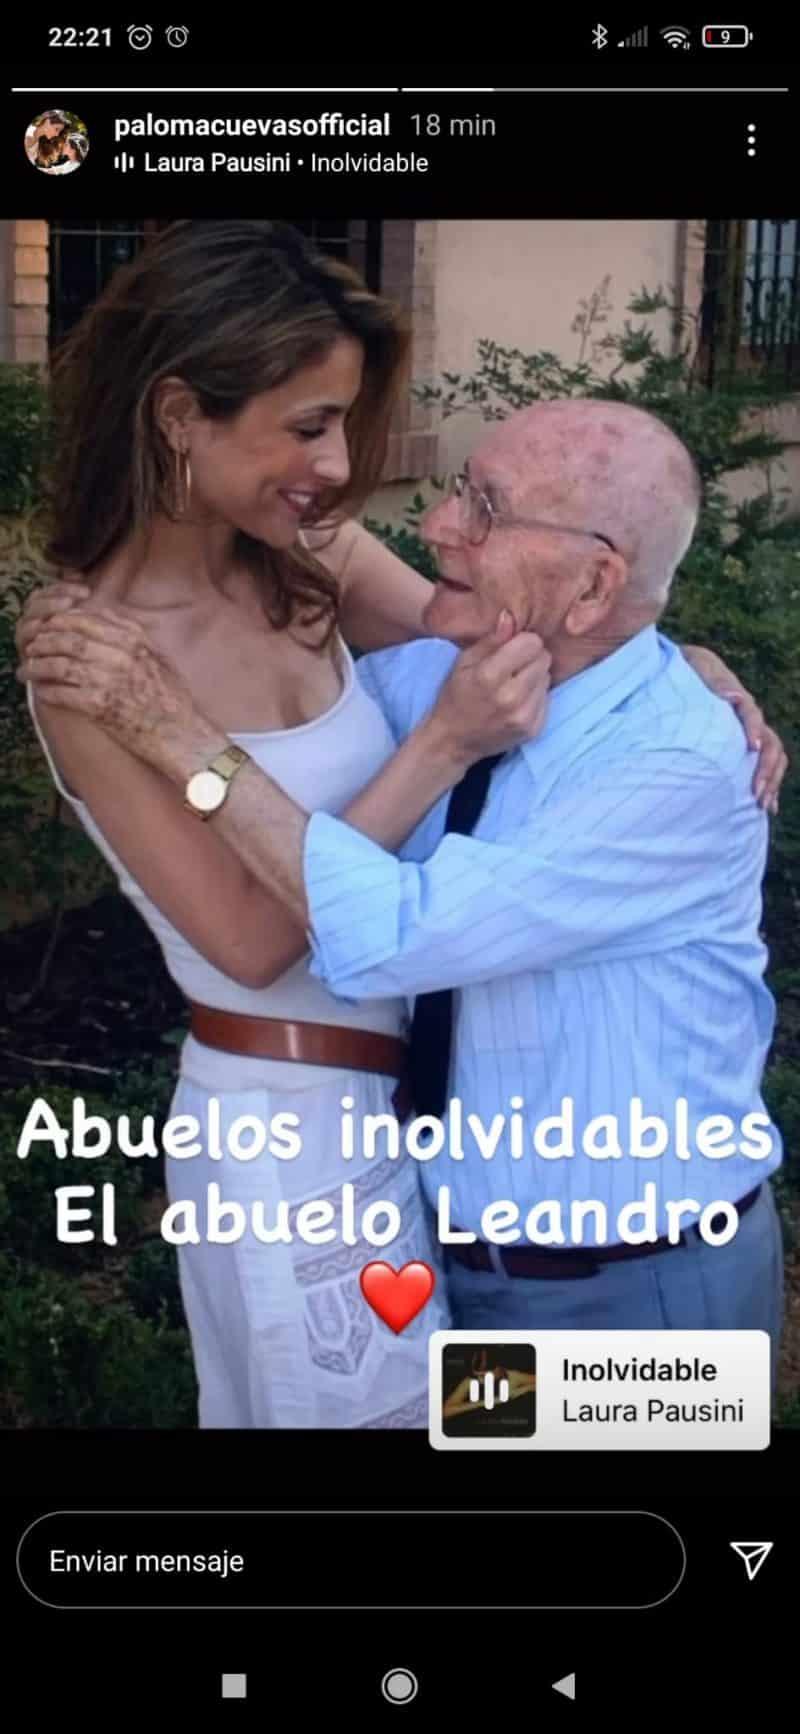 cotilleo Paloma Cuevas y la llamada de atención a Enrique Ponce paloma cuevas con abuelo leandro